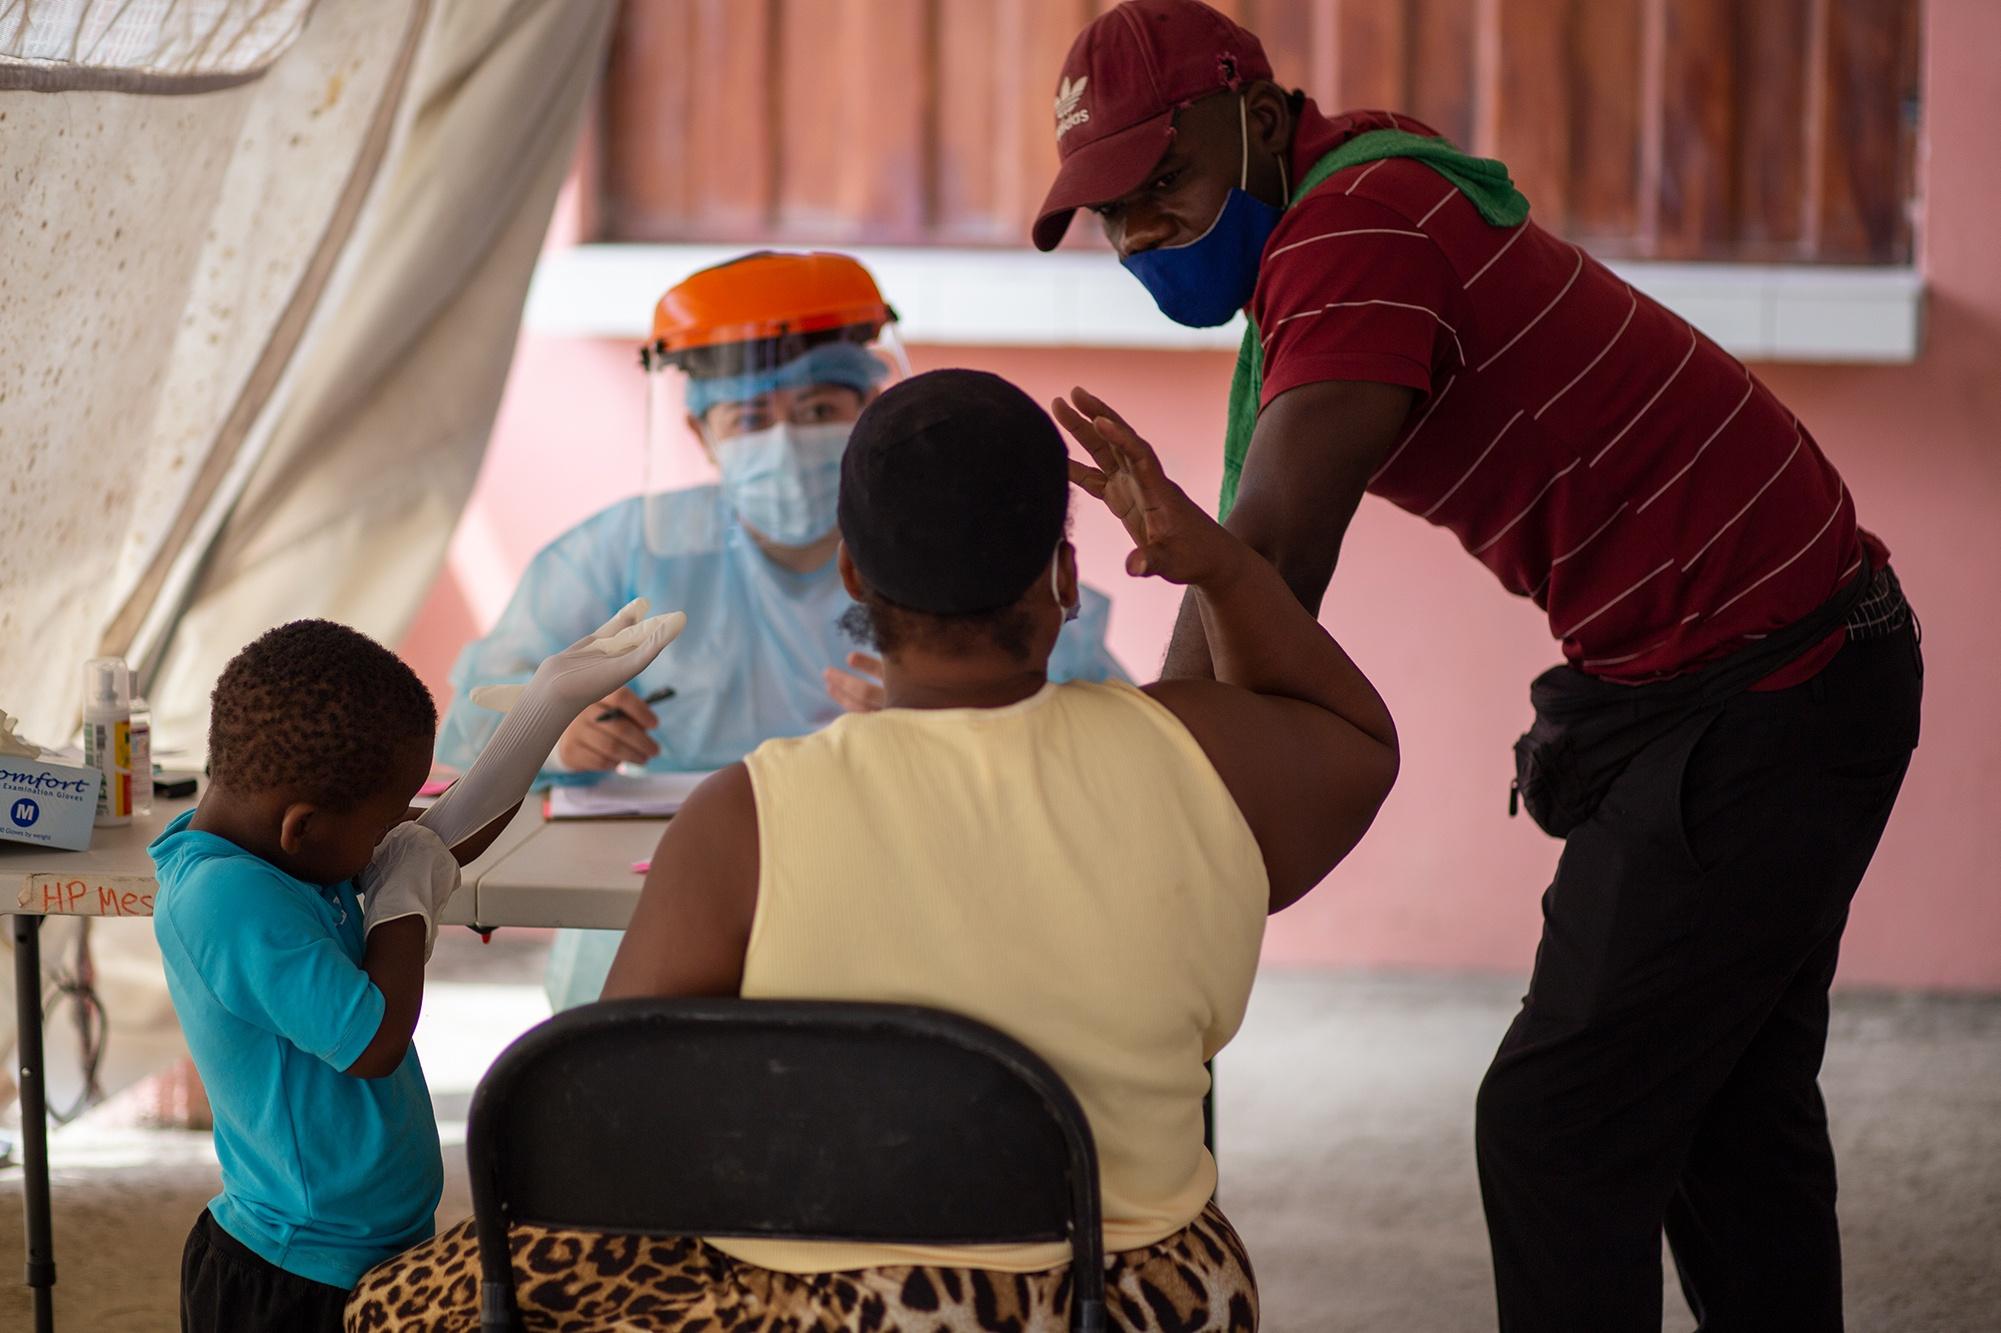 Fontis, de 39 años, ayuda con la traducción a la doctora Marily Fonseca de Médicos Sin Frontera durante la atención médica que da a una madre haitiana y su hijo. Trójes, El Paraíso, 21 de abril de 2021. Foto: Martín Cálix.